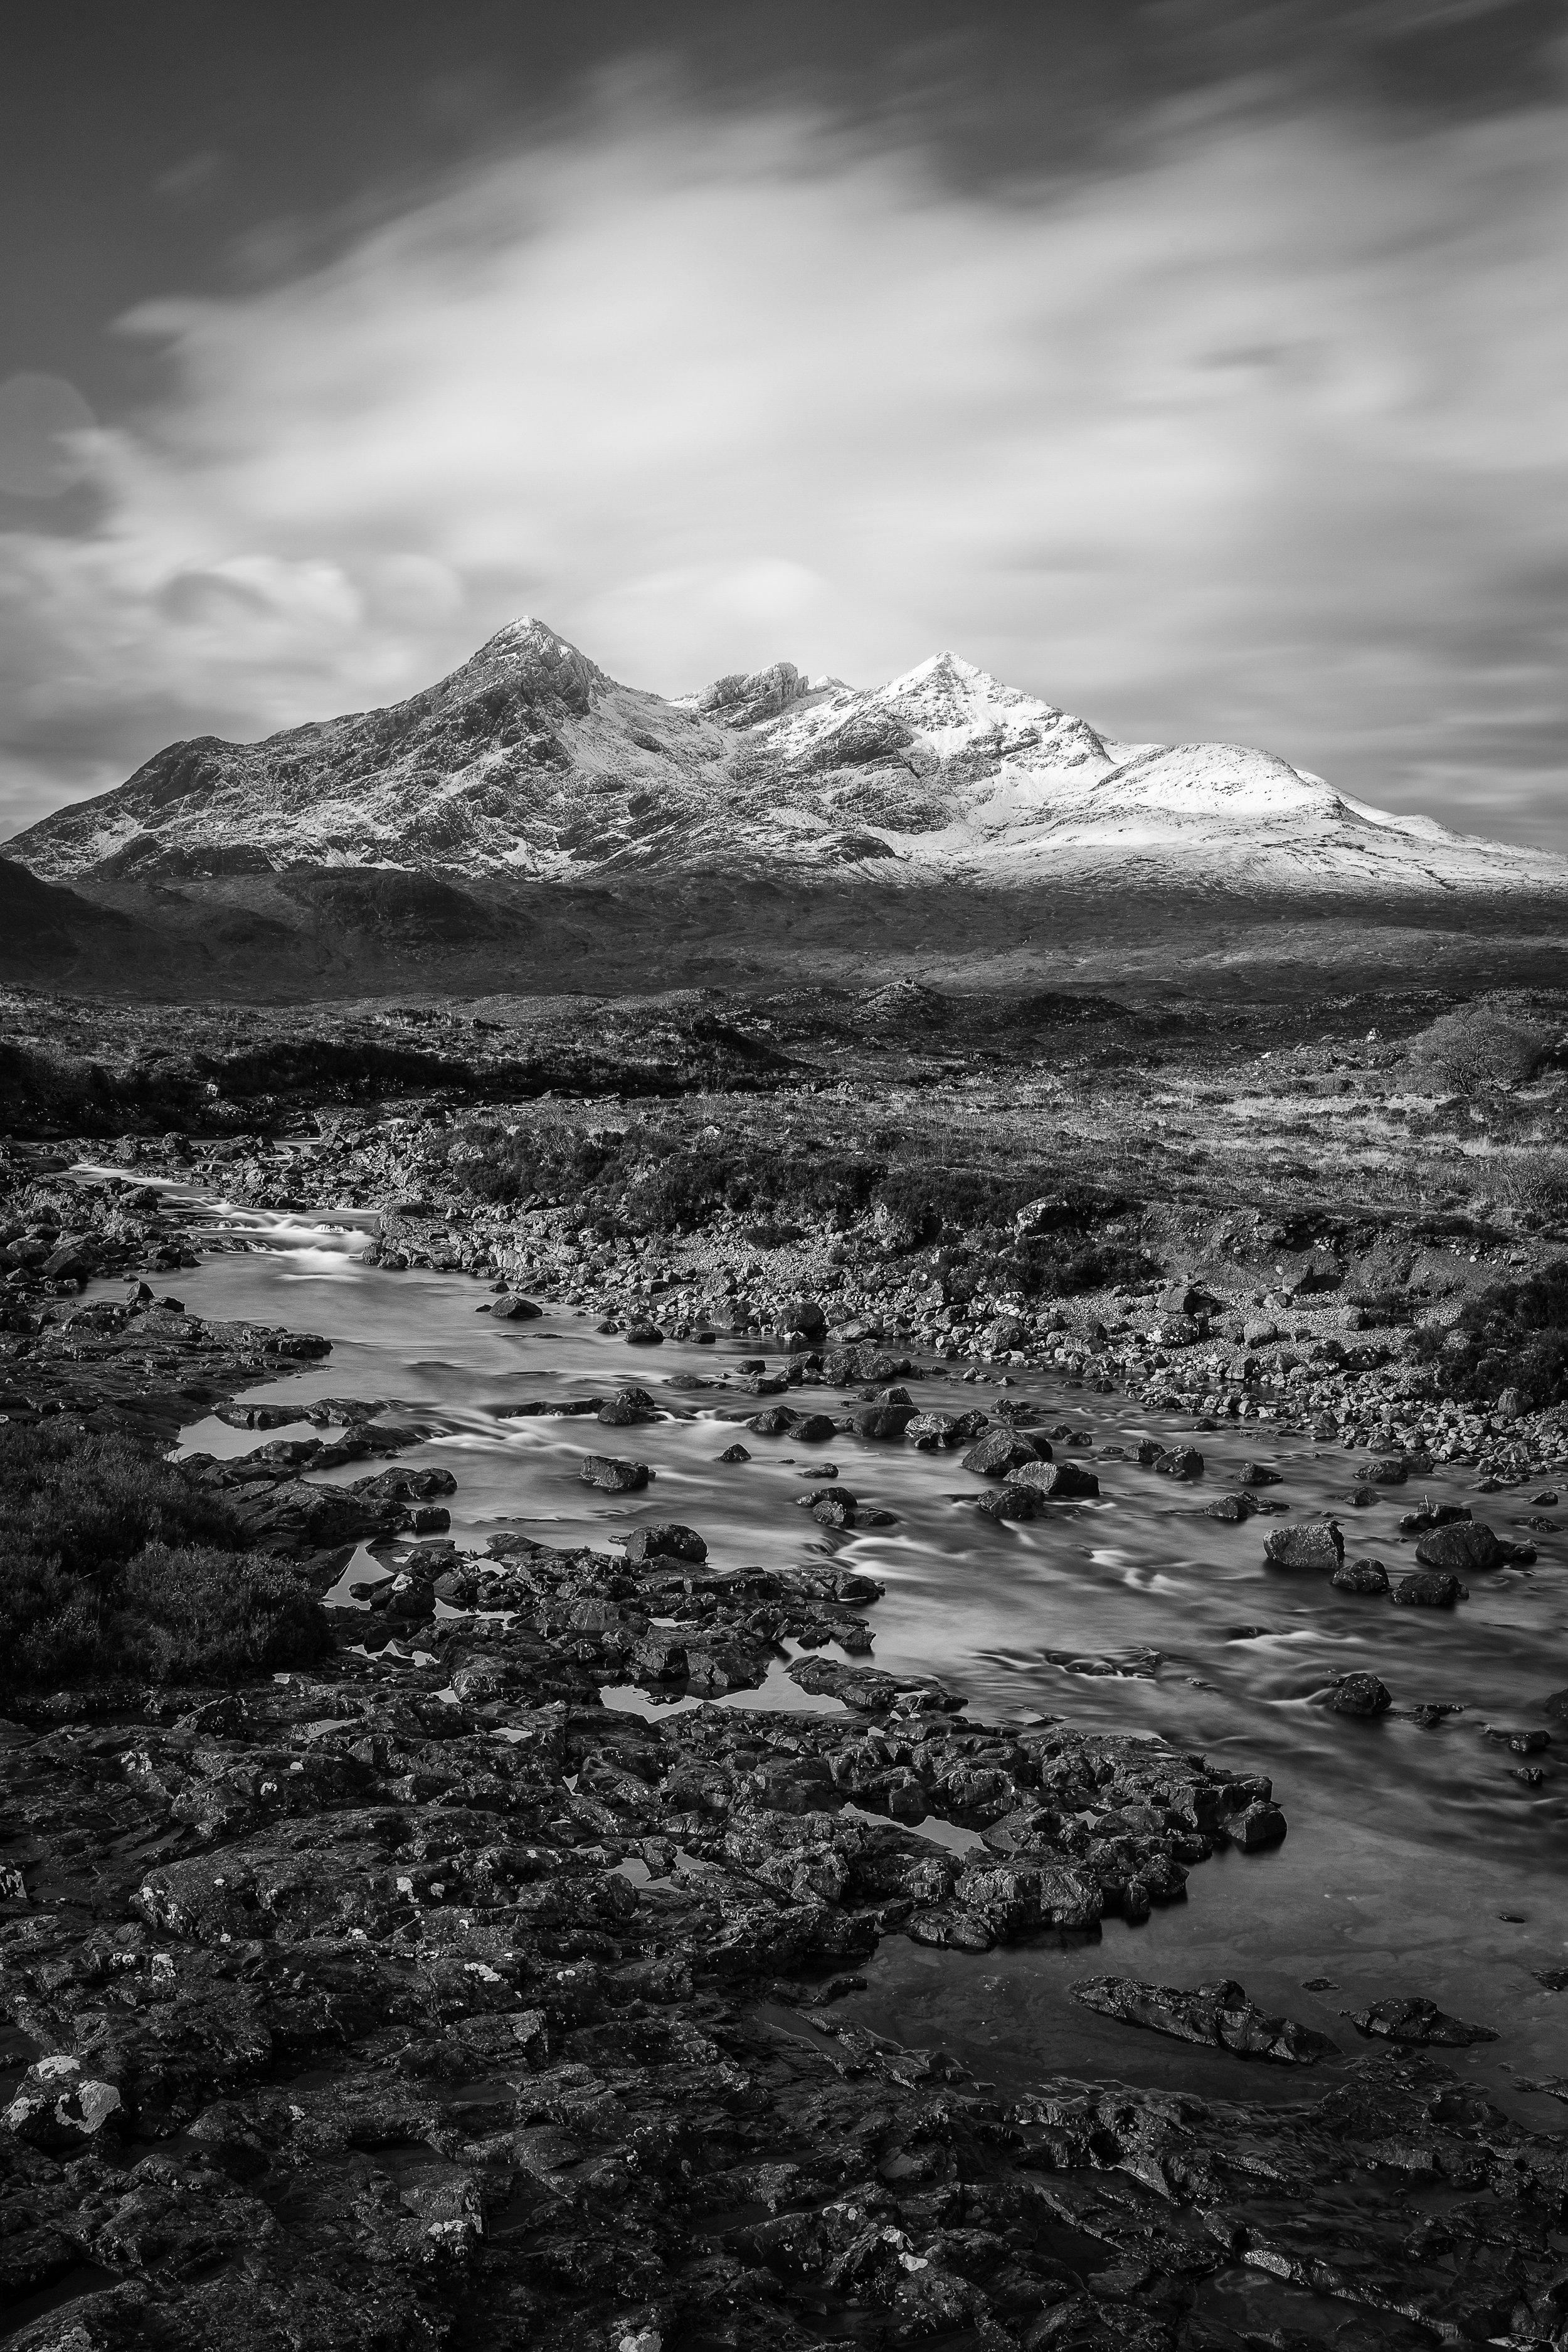 Bruach na Frìthe and Sgurr nan Gillean, Skye